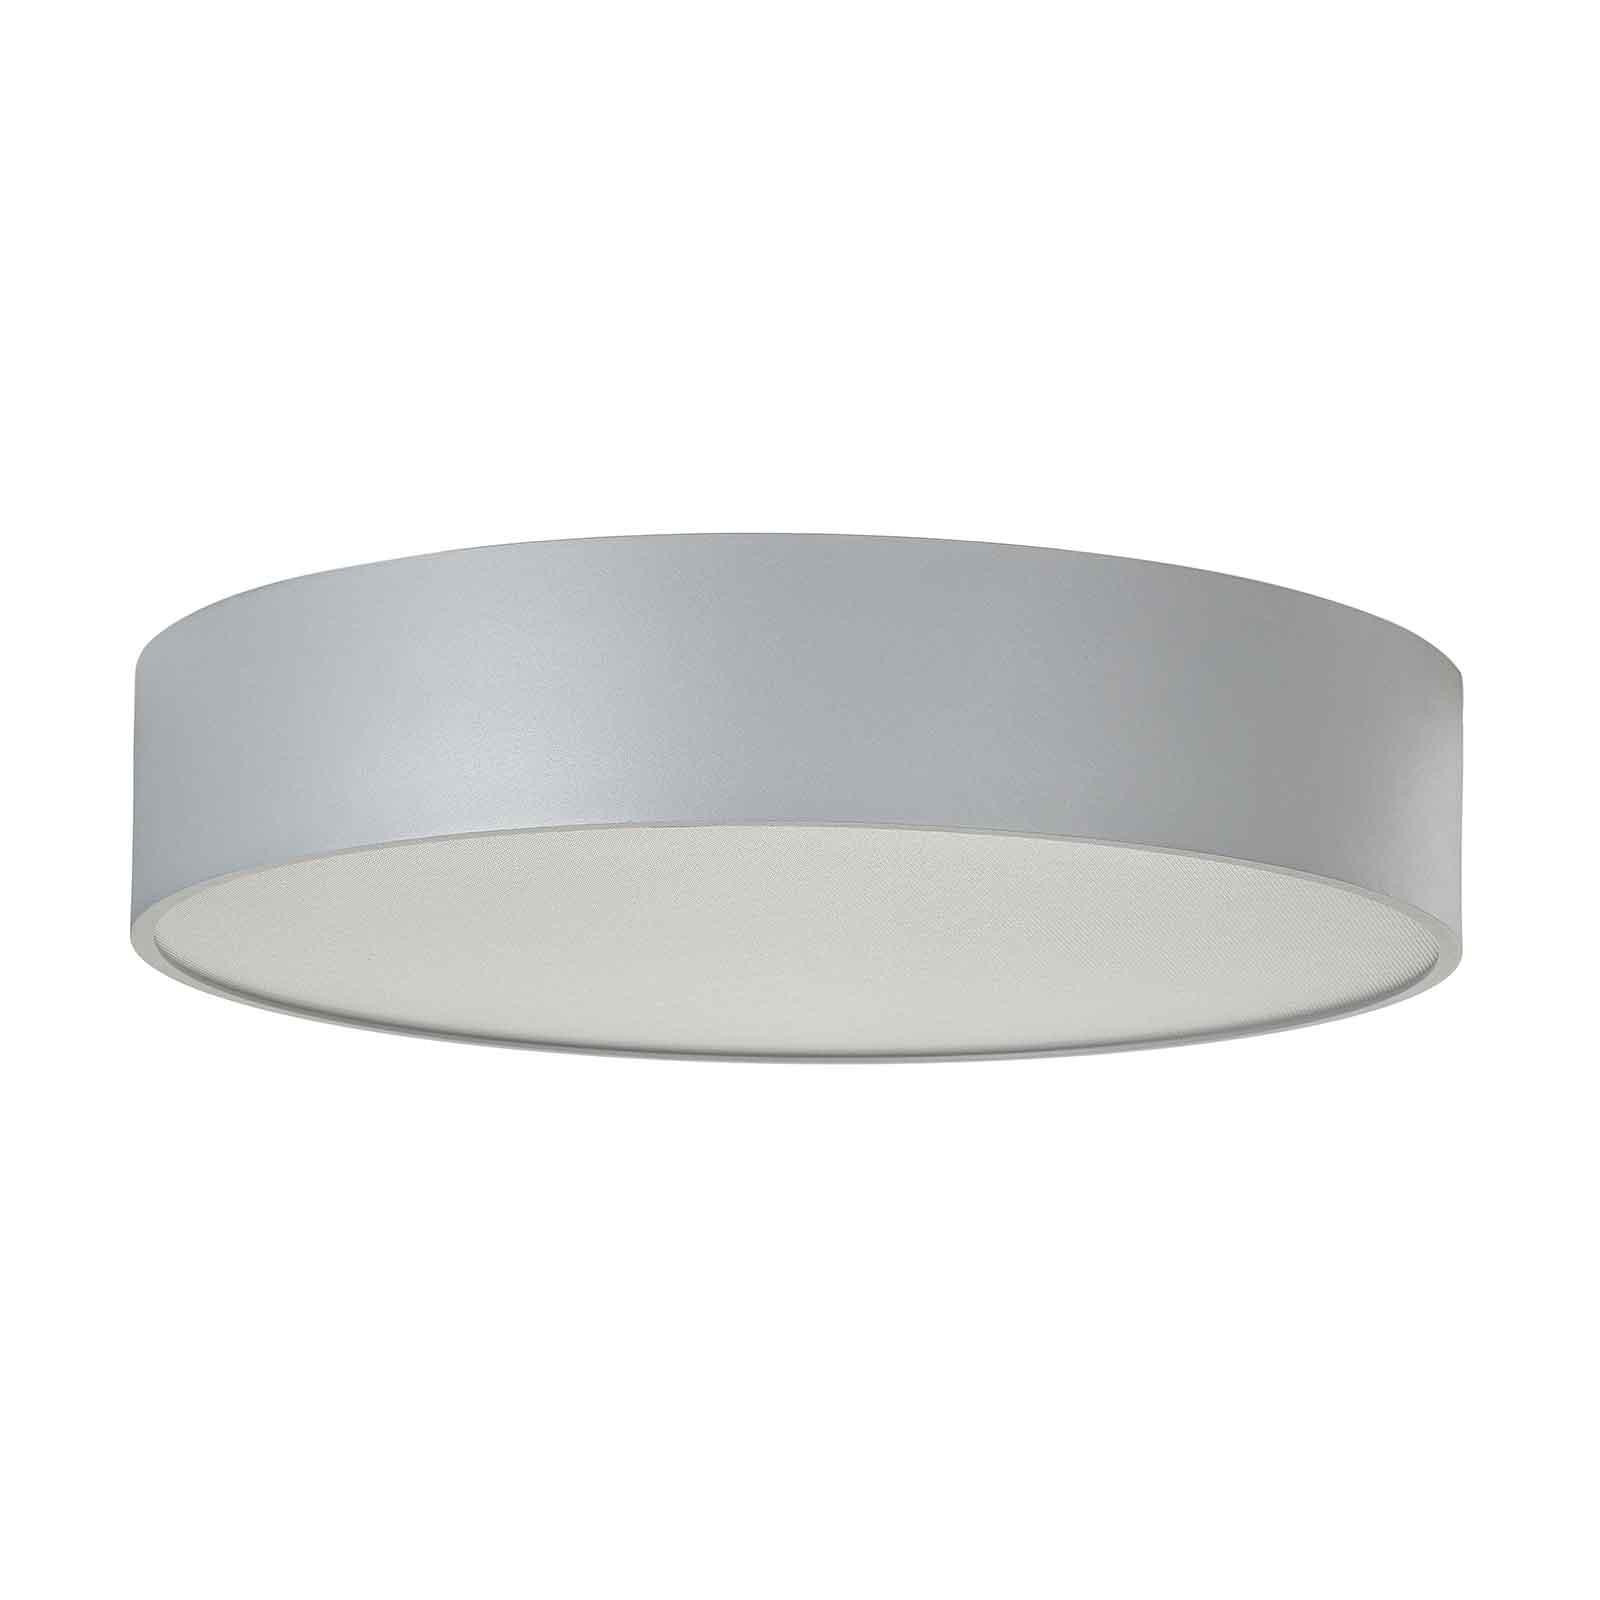 Arcchio Vikato LED plafondlamp 4000K 40cm